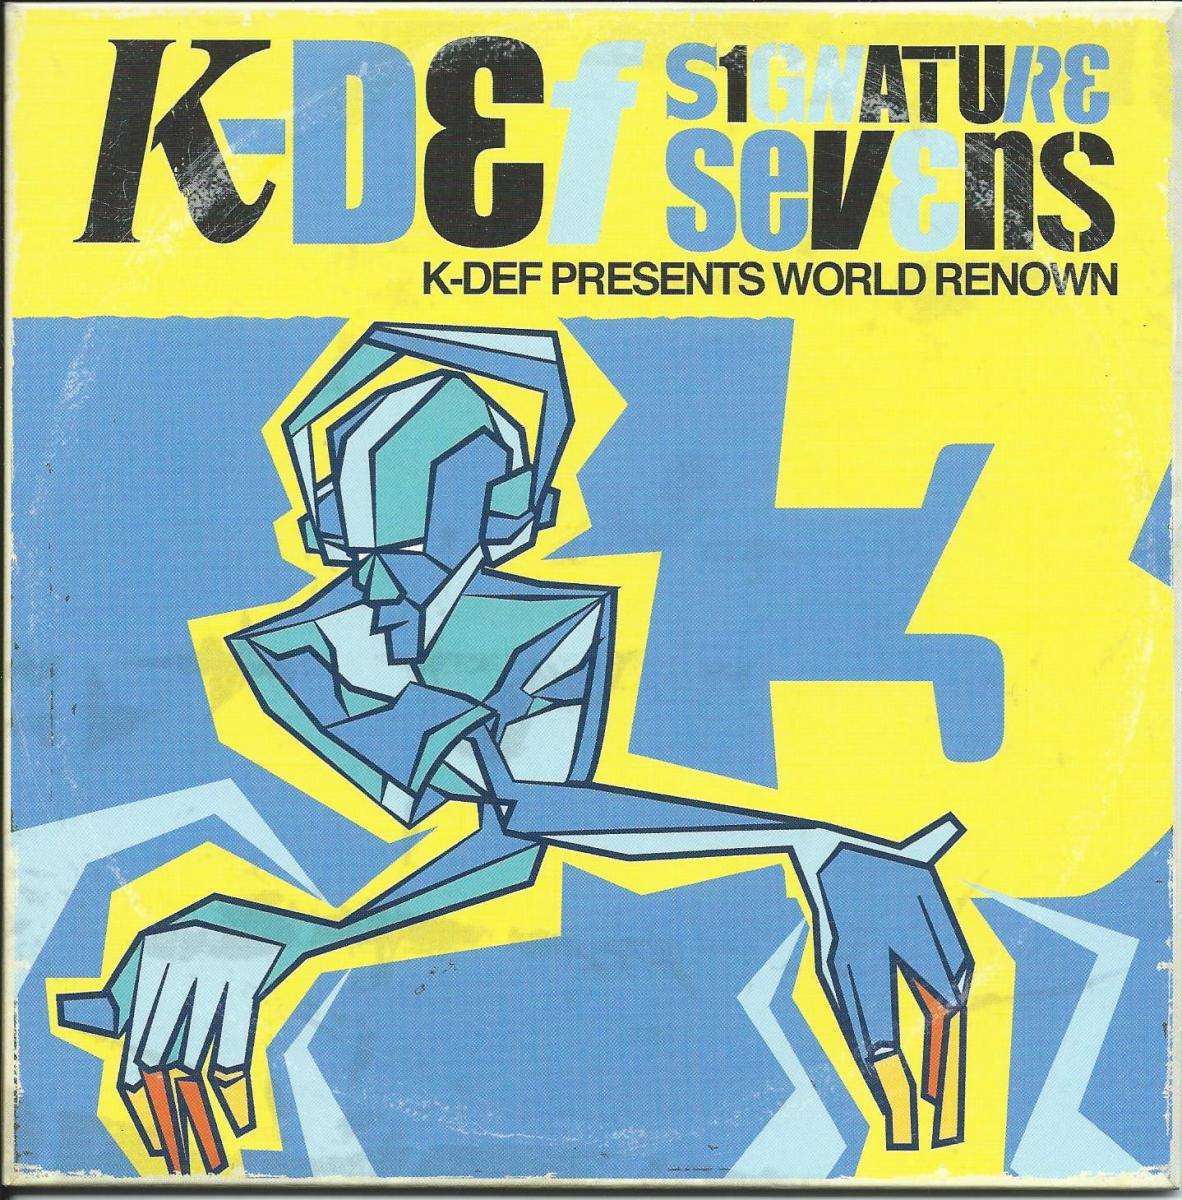 K-DEF PRESENTS WORLD RENOWN / LONG GEV (SIGNATURE SEVENS VOL.3) (7